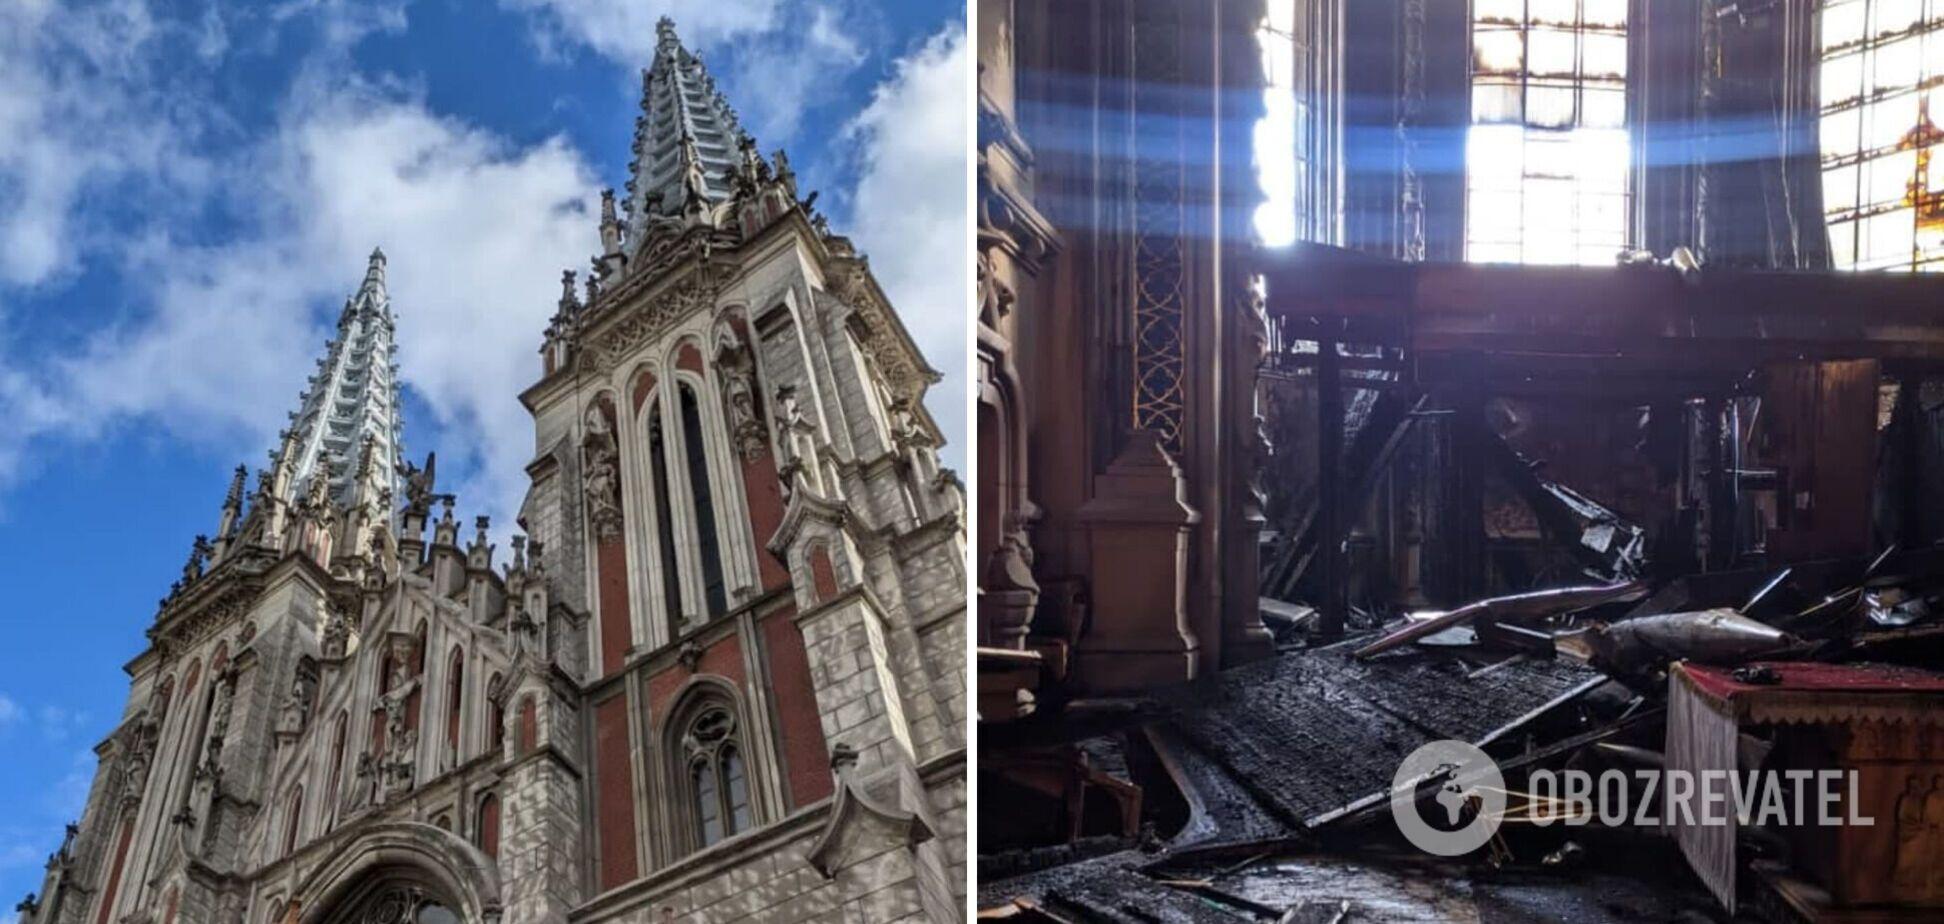 Украинский бизнес собрал более 20 млн грн за день на восстановление костела Святого Николая